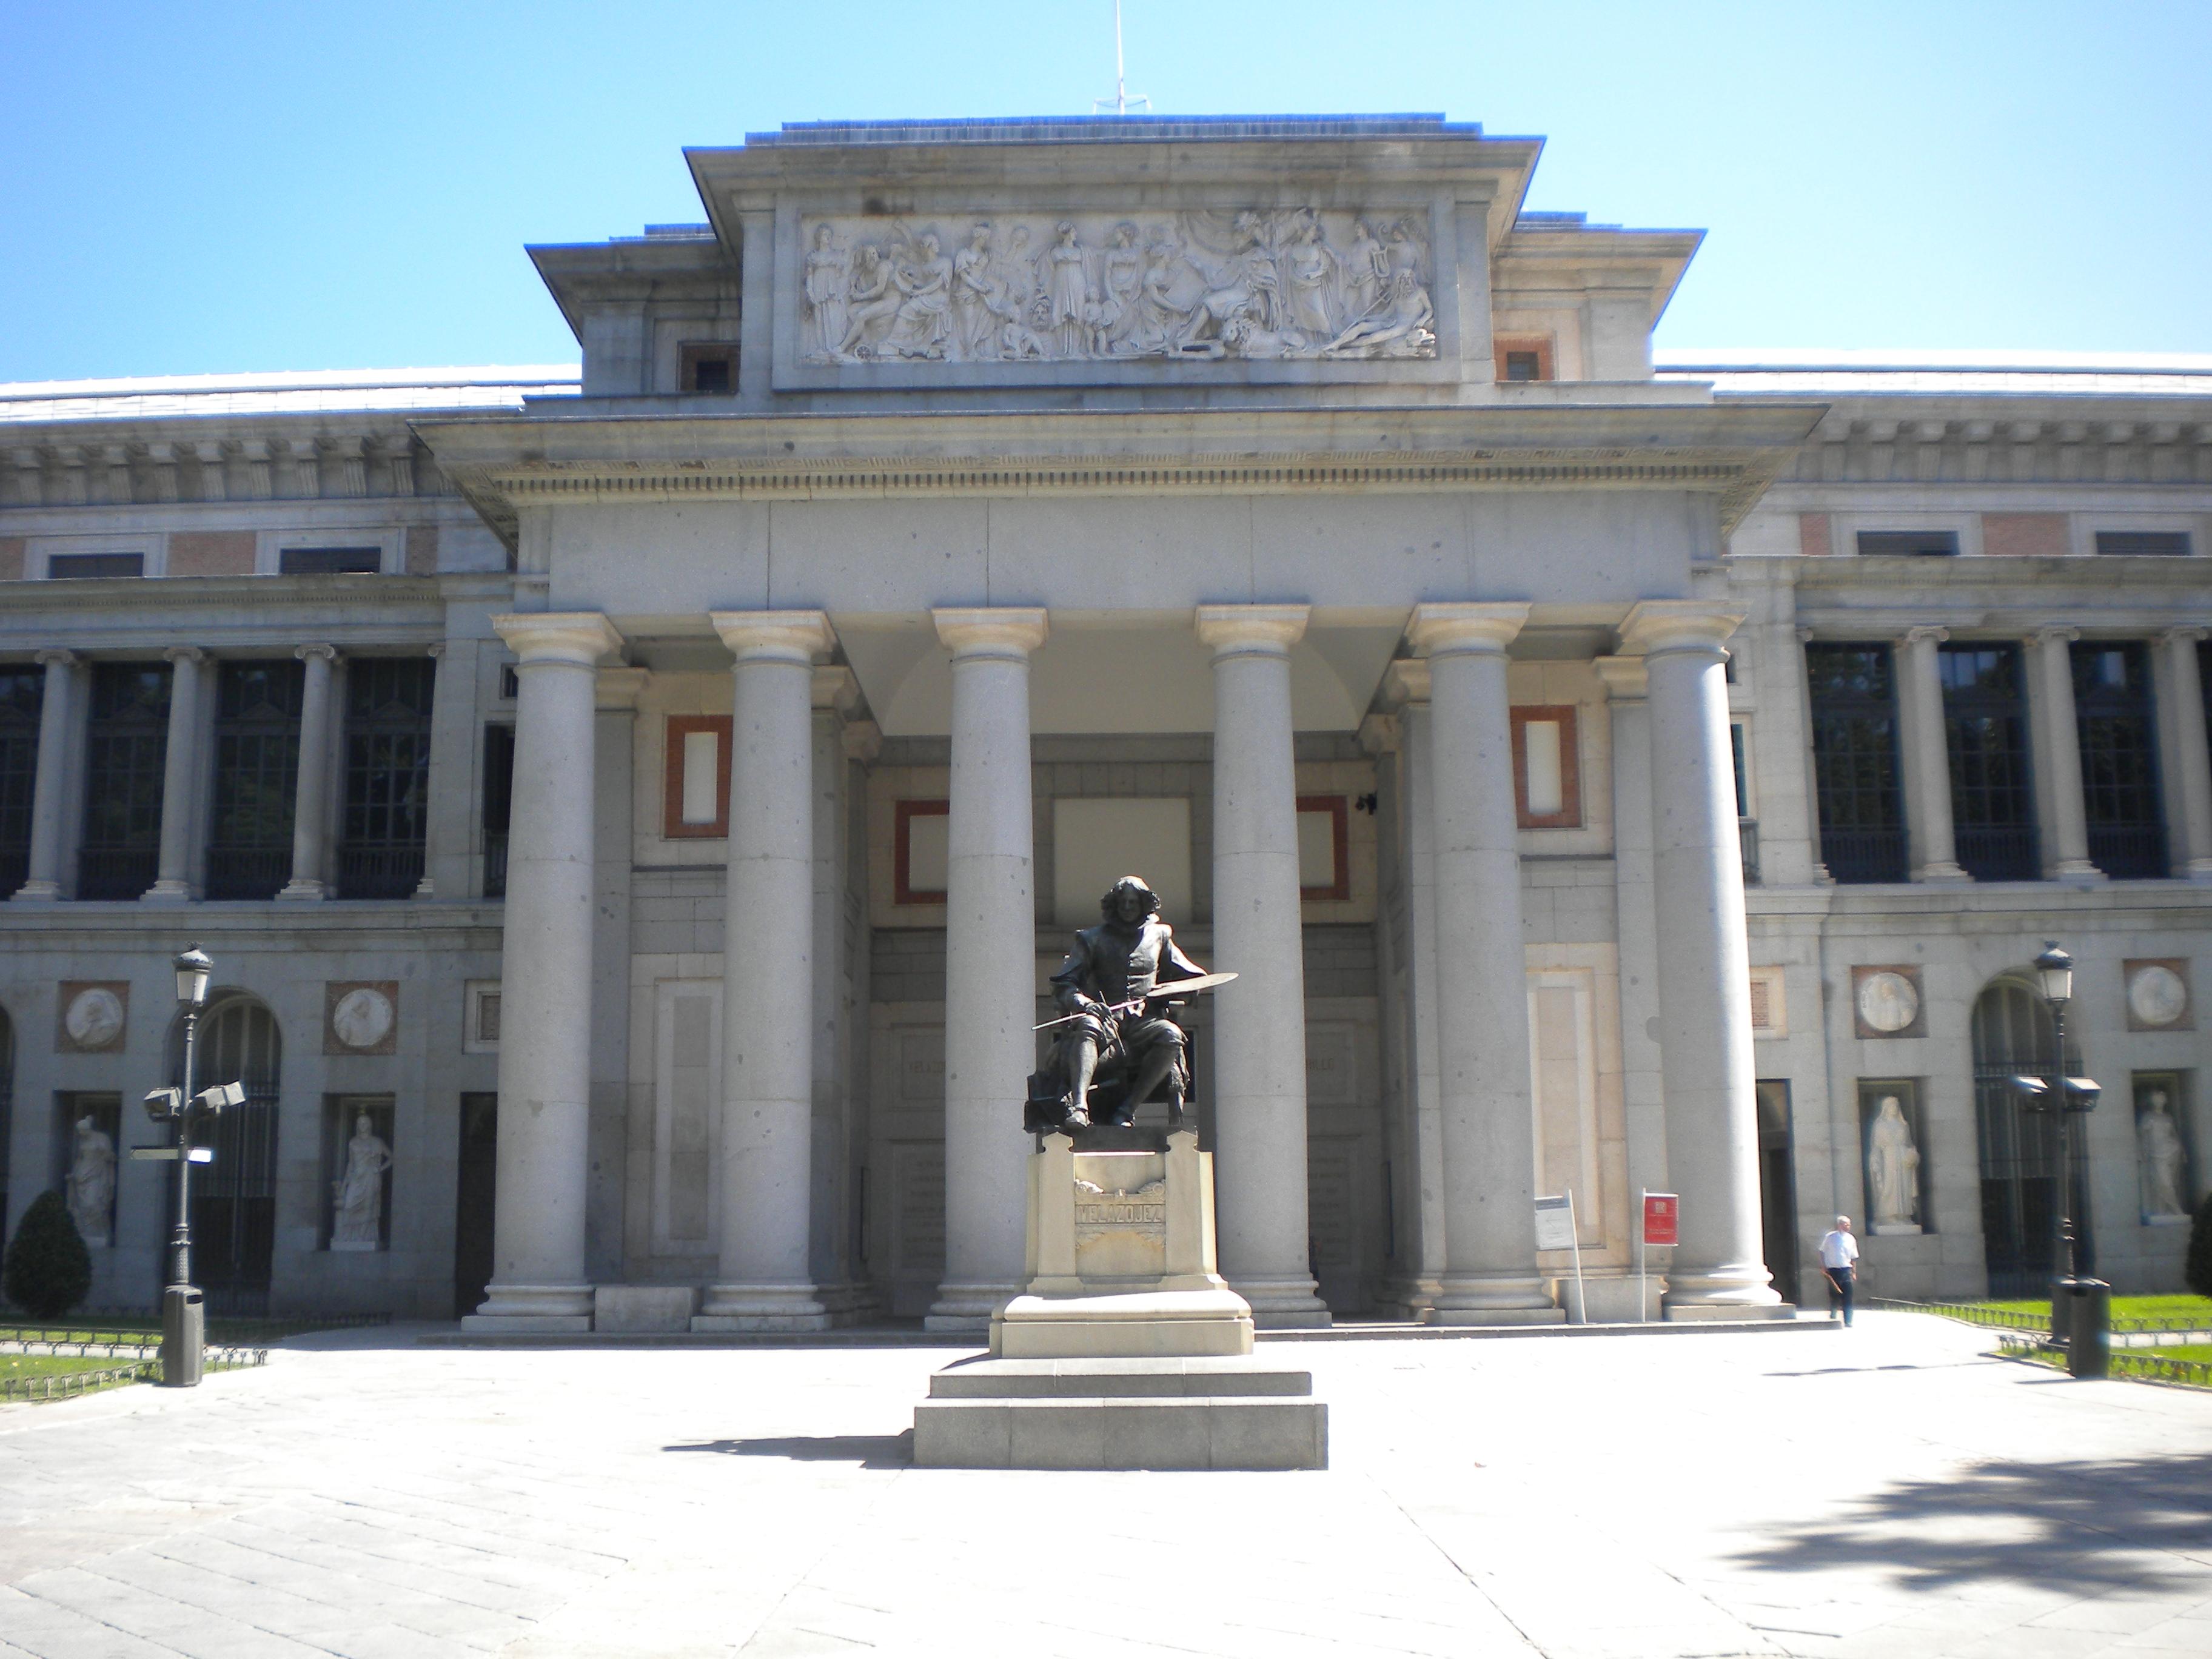 Museo del prado temporarily lost for Lamucca calle del prado 16 madrid